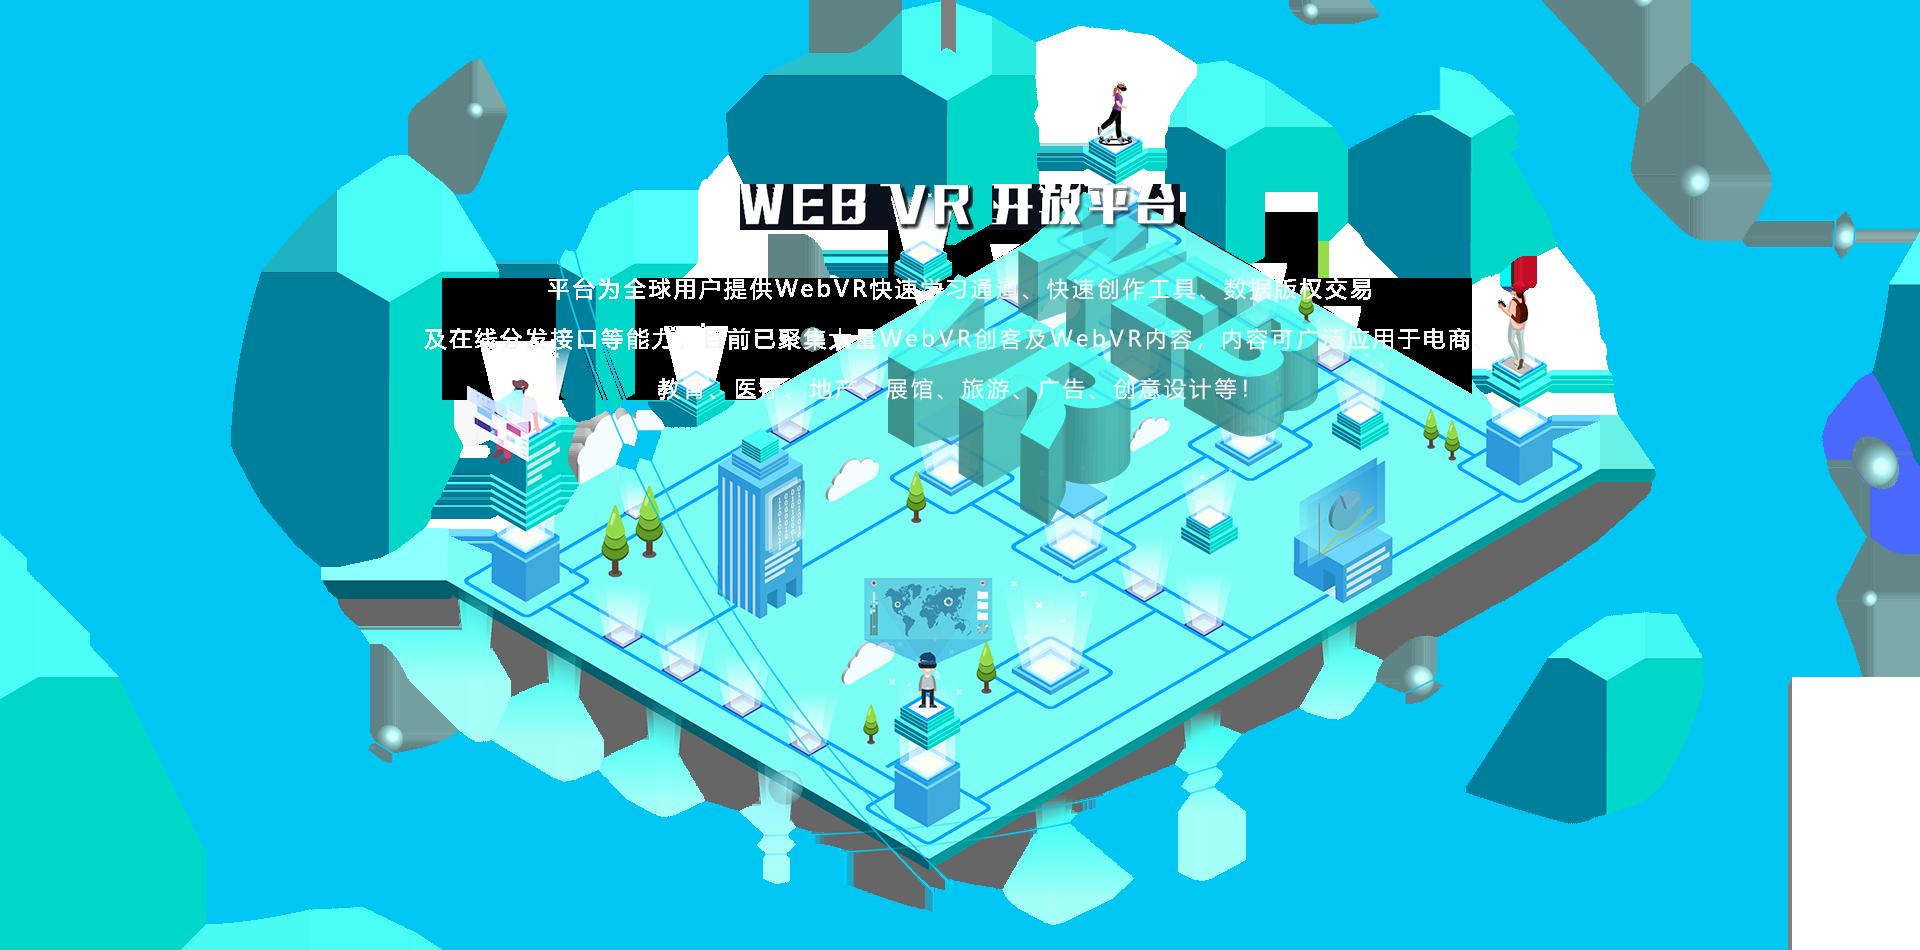 WEB VR 开放平台